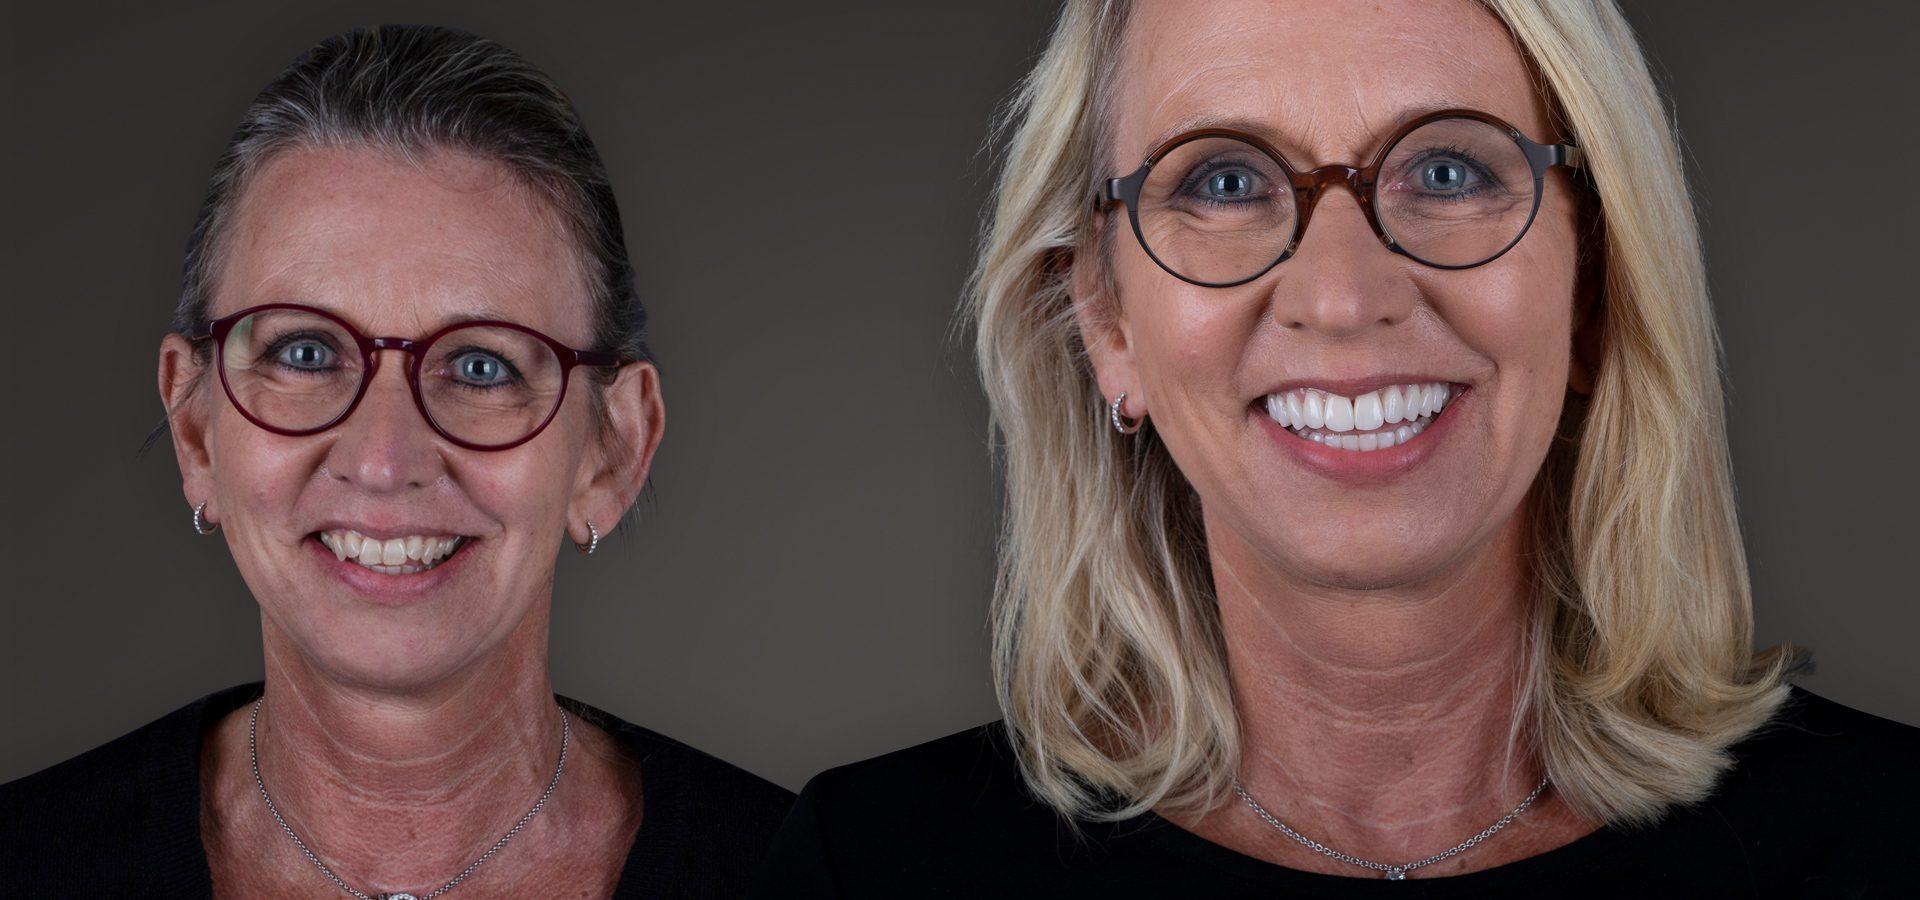 Mit Veneers zum Star-Lächeln: Zahnverschönerung für perfekte, strahlend weiße Zähne ohne Bohren, ohne Abschleifen der Zahnsubstanz